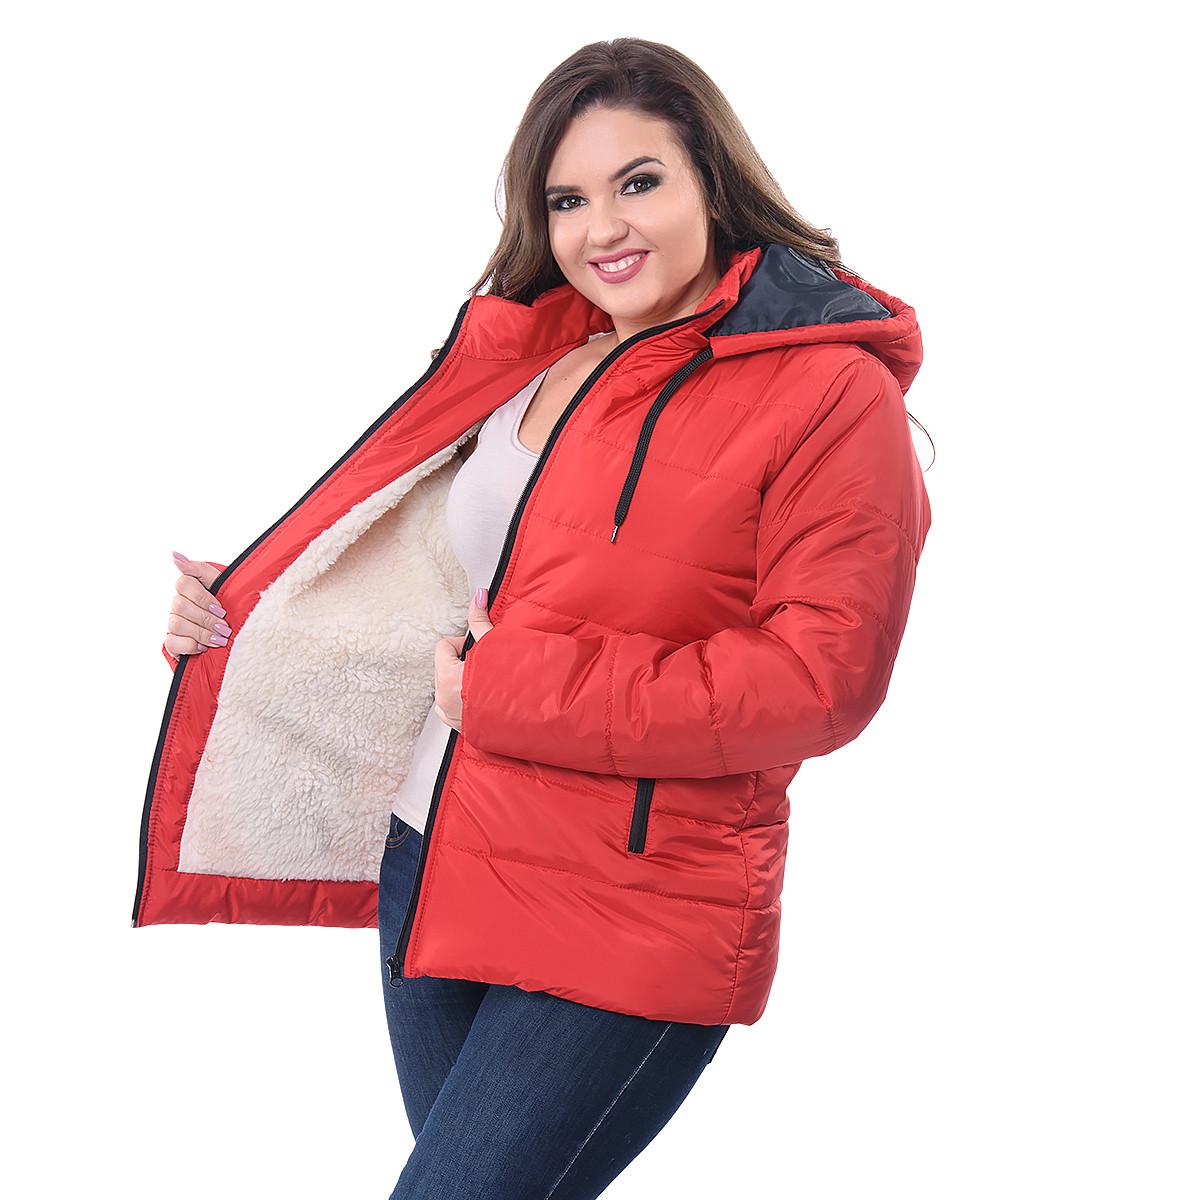 ffb75887872 Куртка женская зимняя на теплой овчине K1227HG оптом и в розницу ...